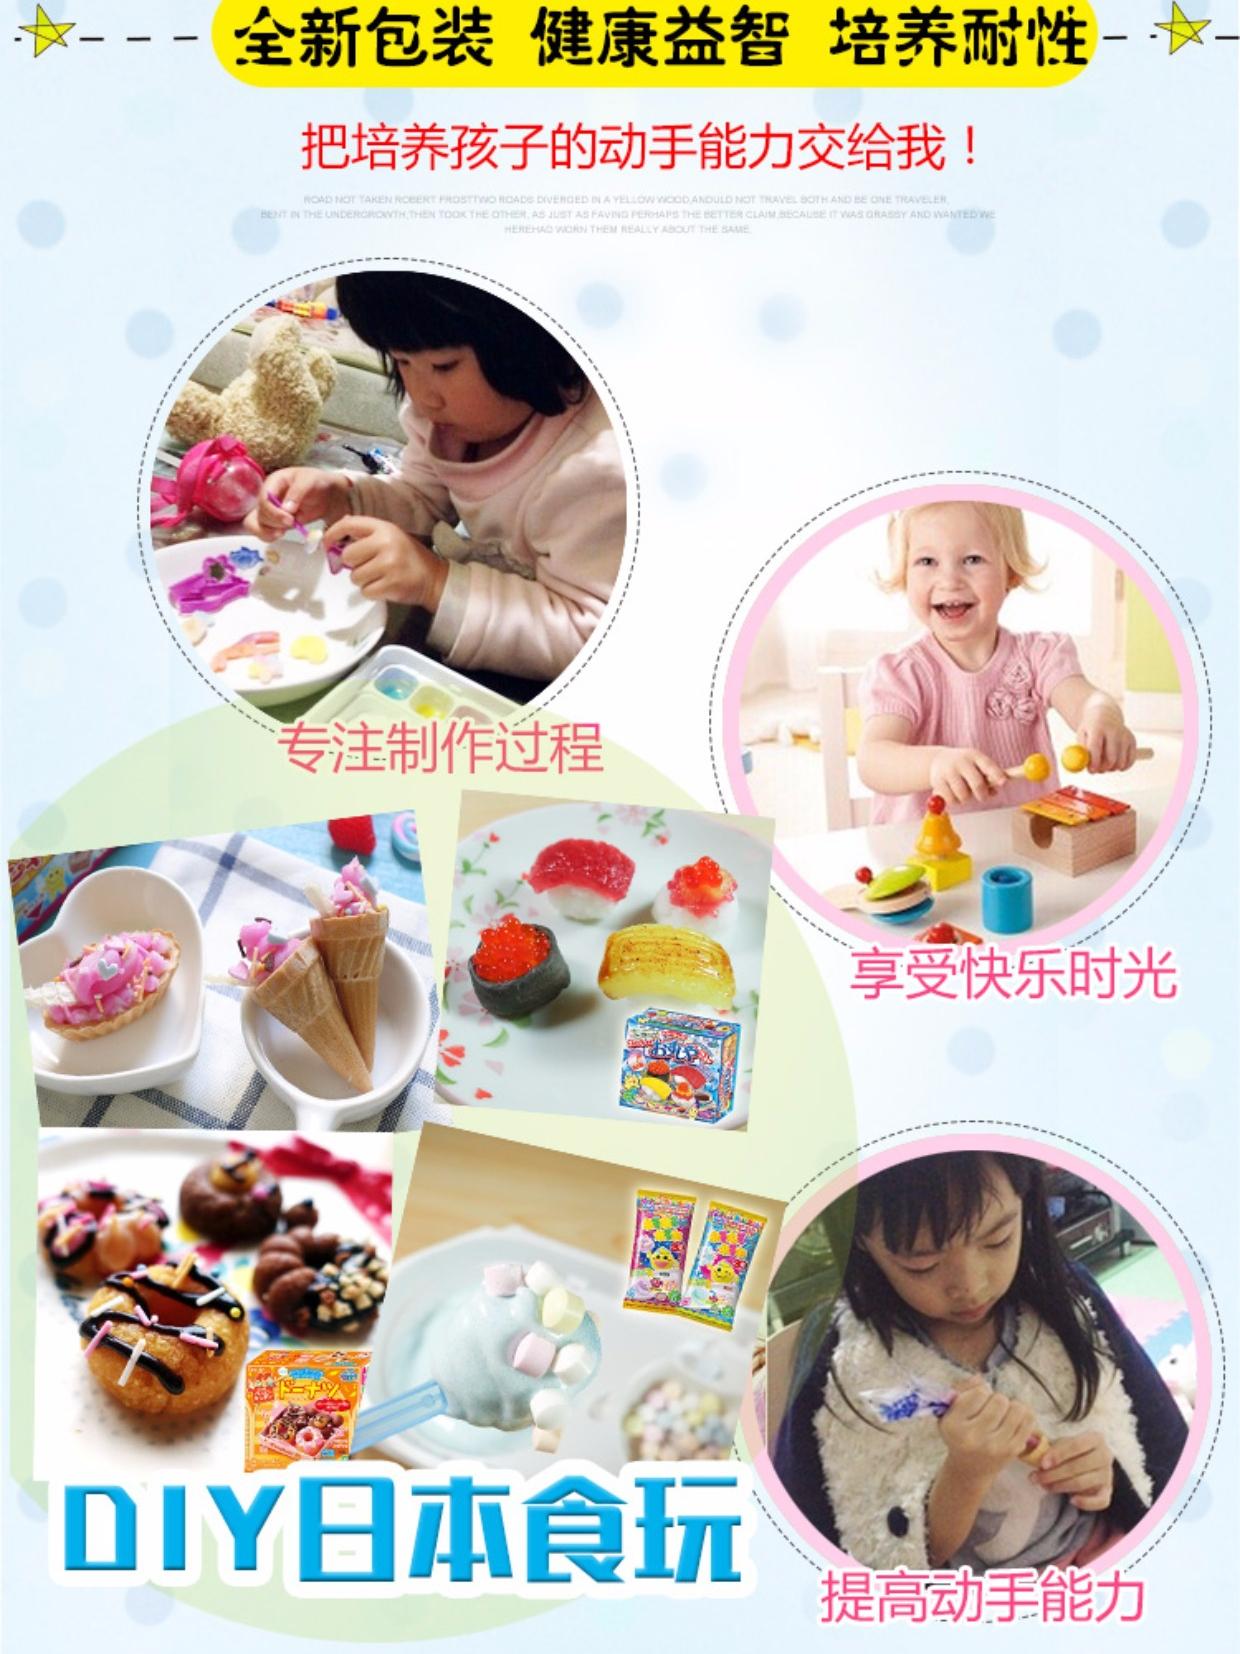 。日本の食玩小玲のおもちゃの隣で食べられます。